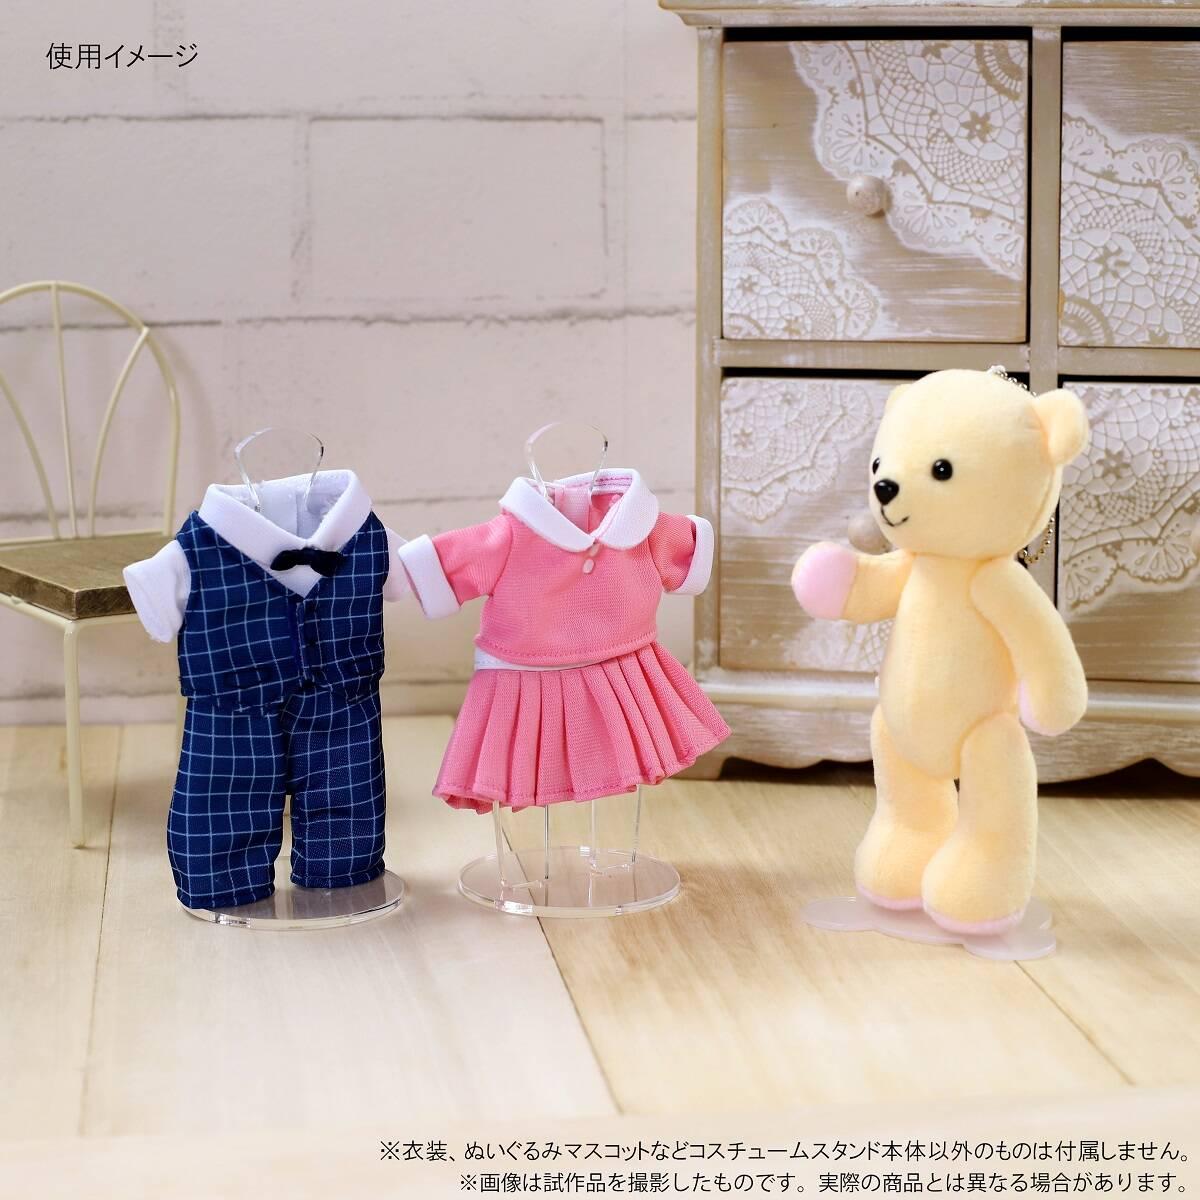 ぬい服のためのアクリル製トルソー「コスチュームスタンド」新発売